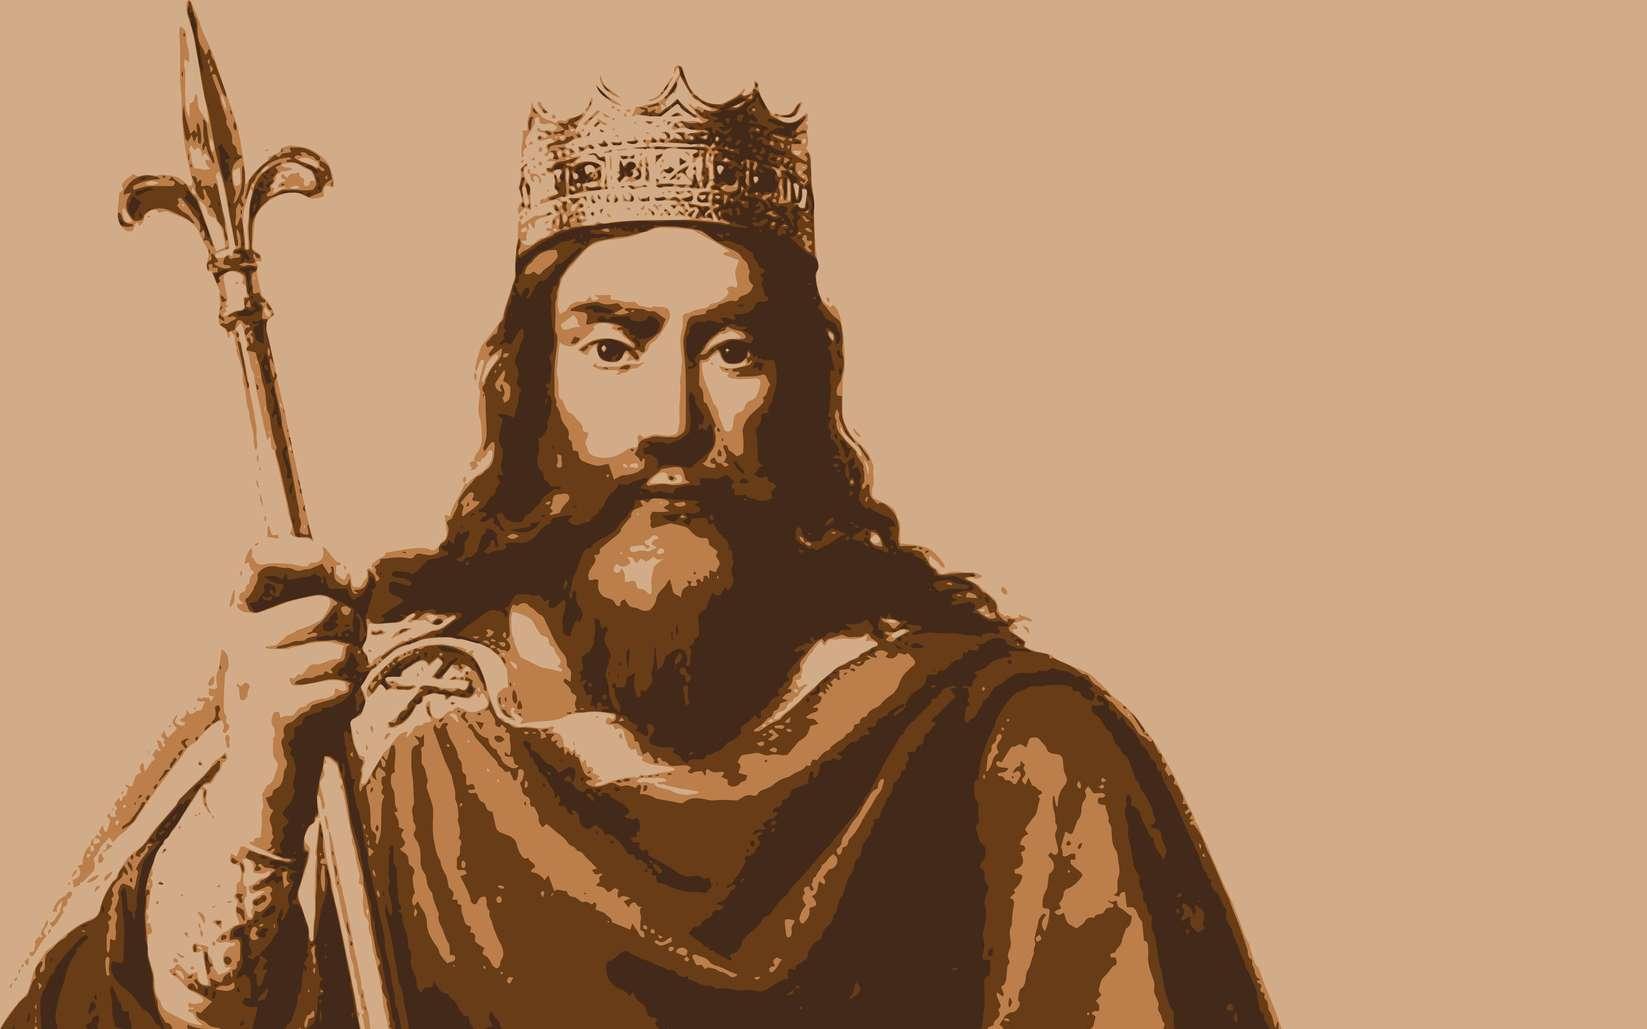 Portrait de Clovis, roi des Francs. © pict rider, fotolia